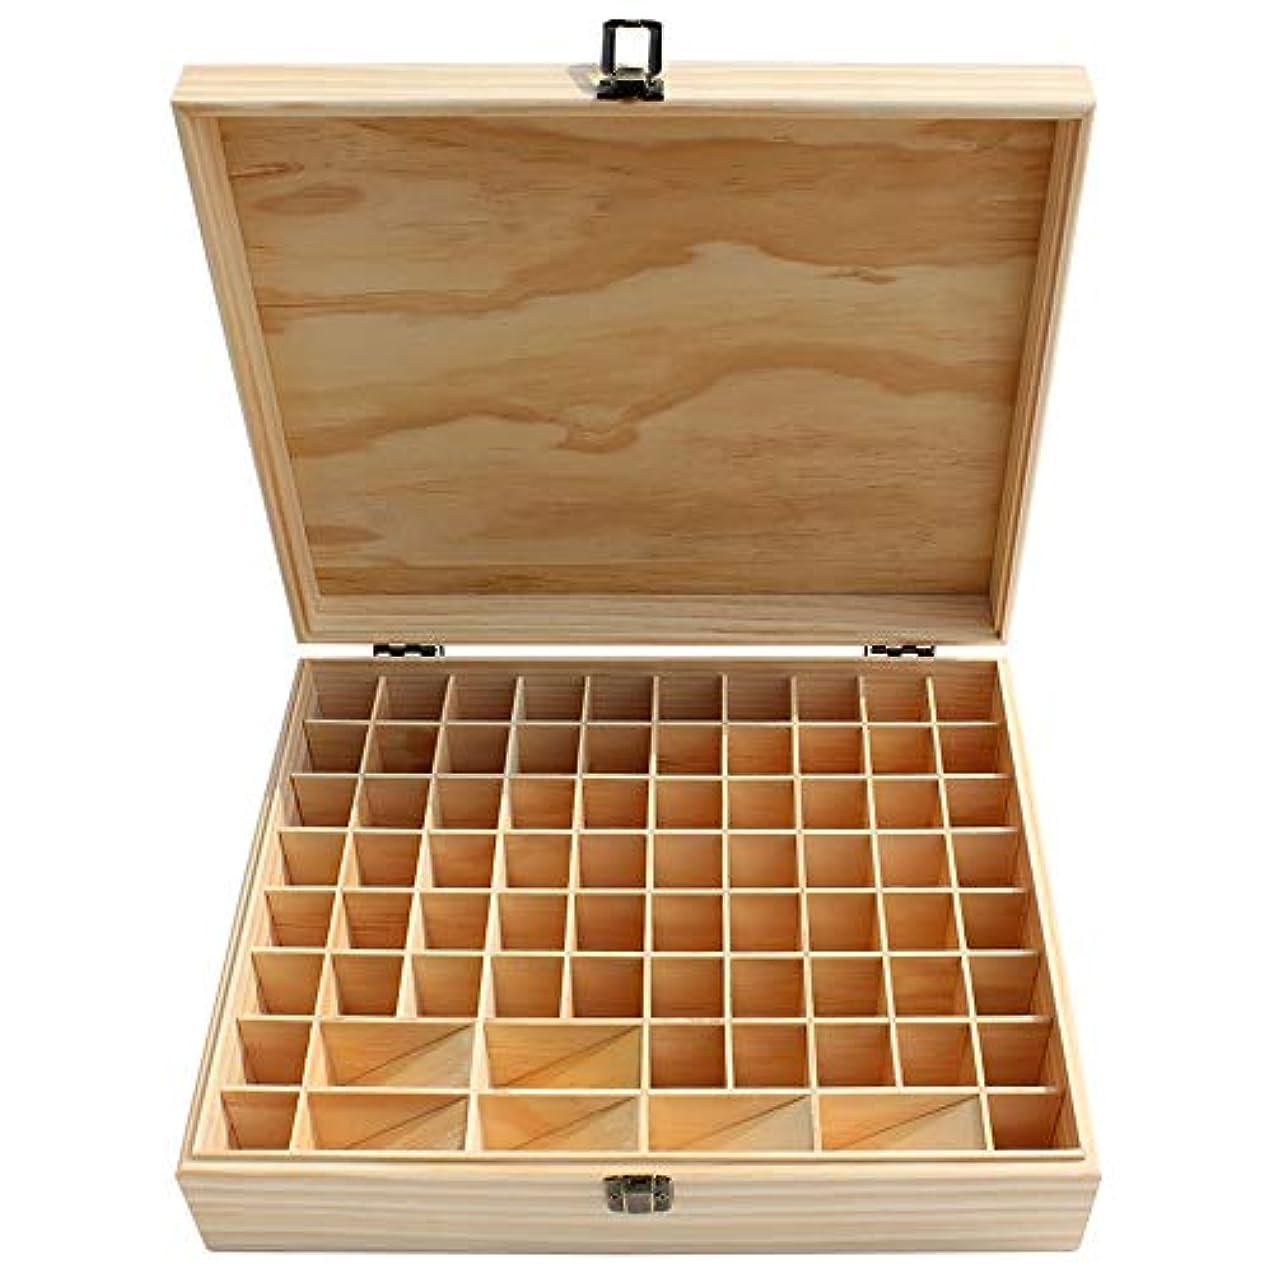 うめき正確謝罪エッセンシャルオイルの保管 大74スロット木製のエッセンシャルオイルストレージボックスナチュラルパインウッド (色 : Natural, サイズ : 34X27.5X9CM)